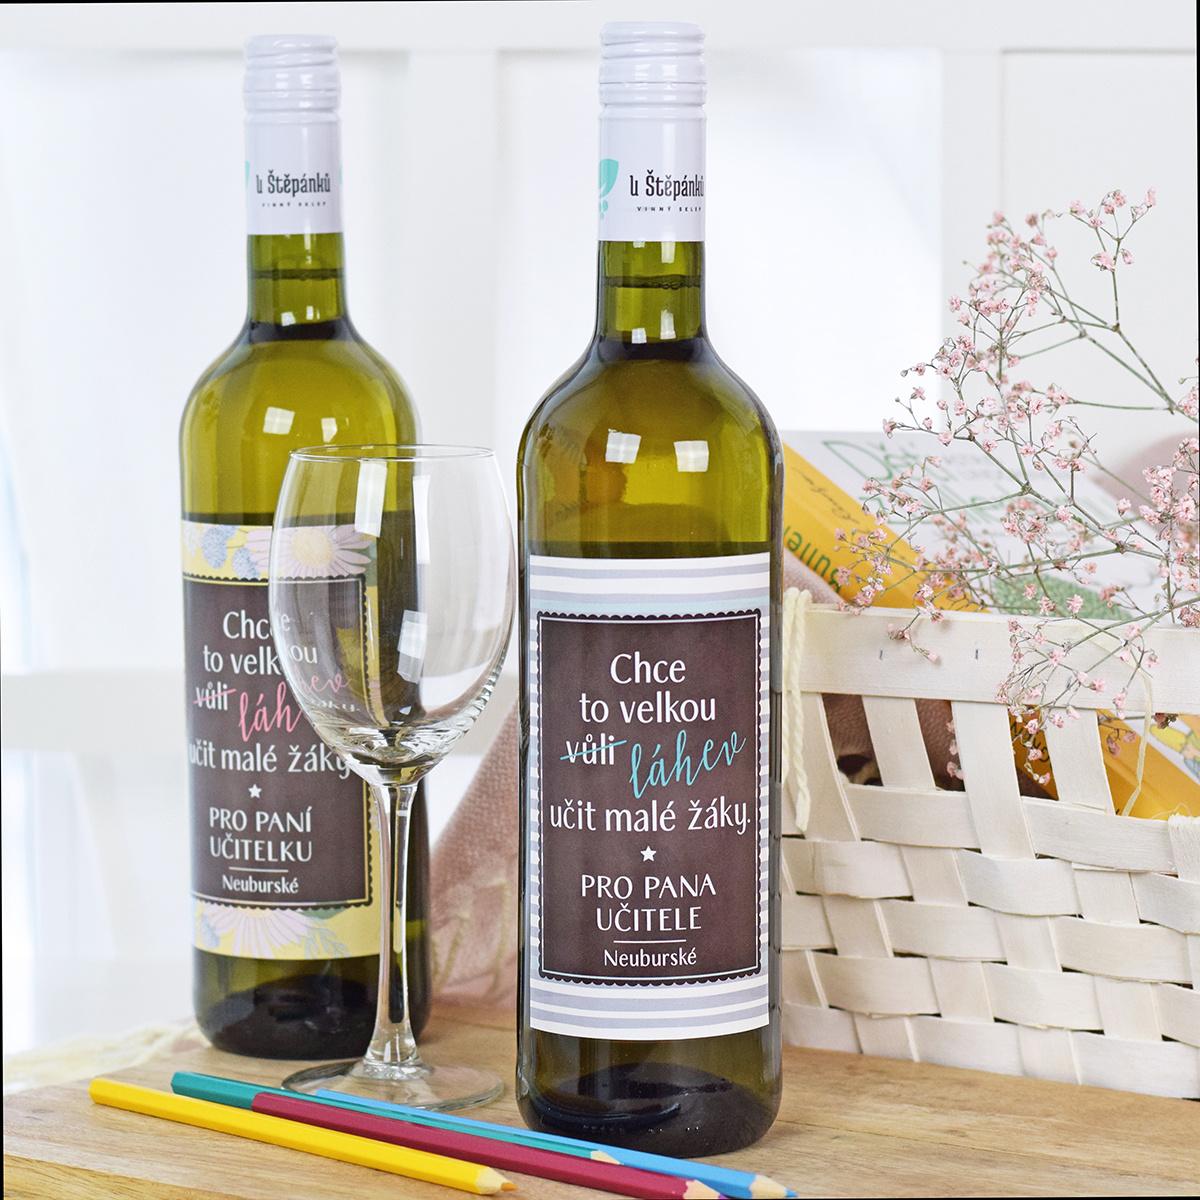 HOUSEDECOR Dárkové víno - bílé - Chce to velkou láhev (pro pana učitele)